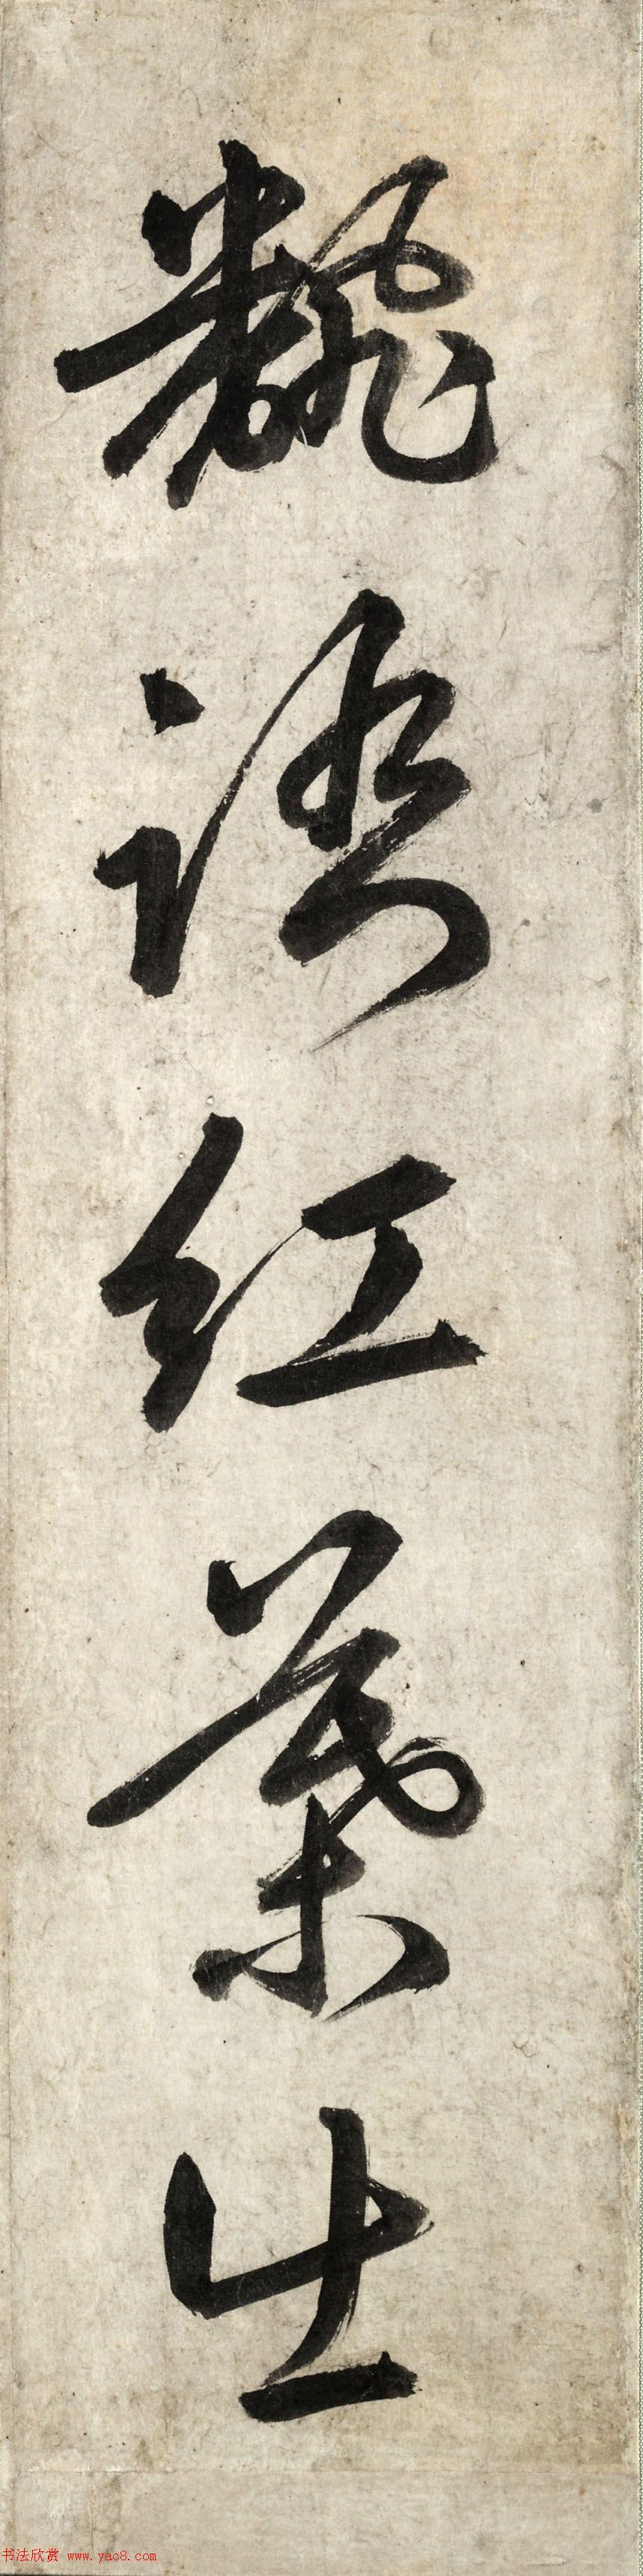 朝鲜儒士李滉书法欣赏《梅花诗》